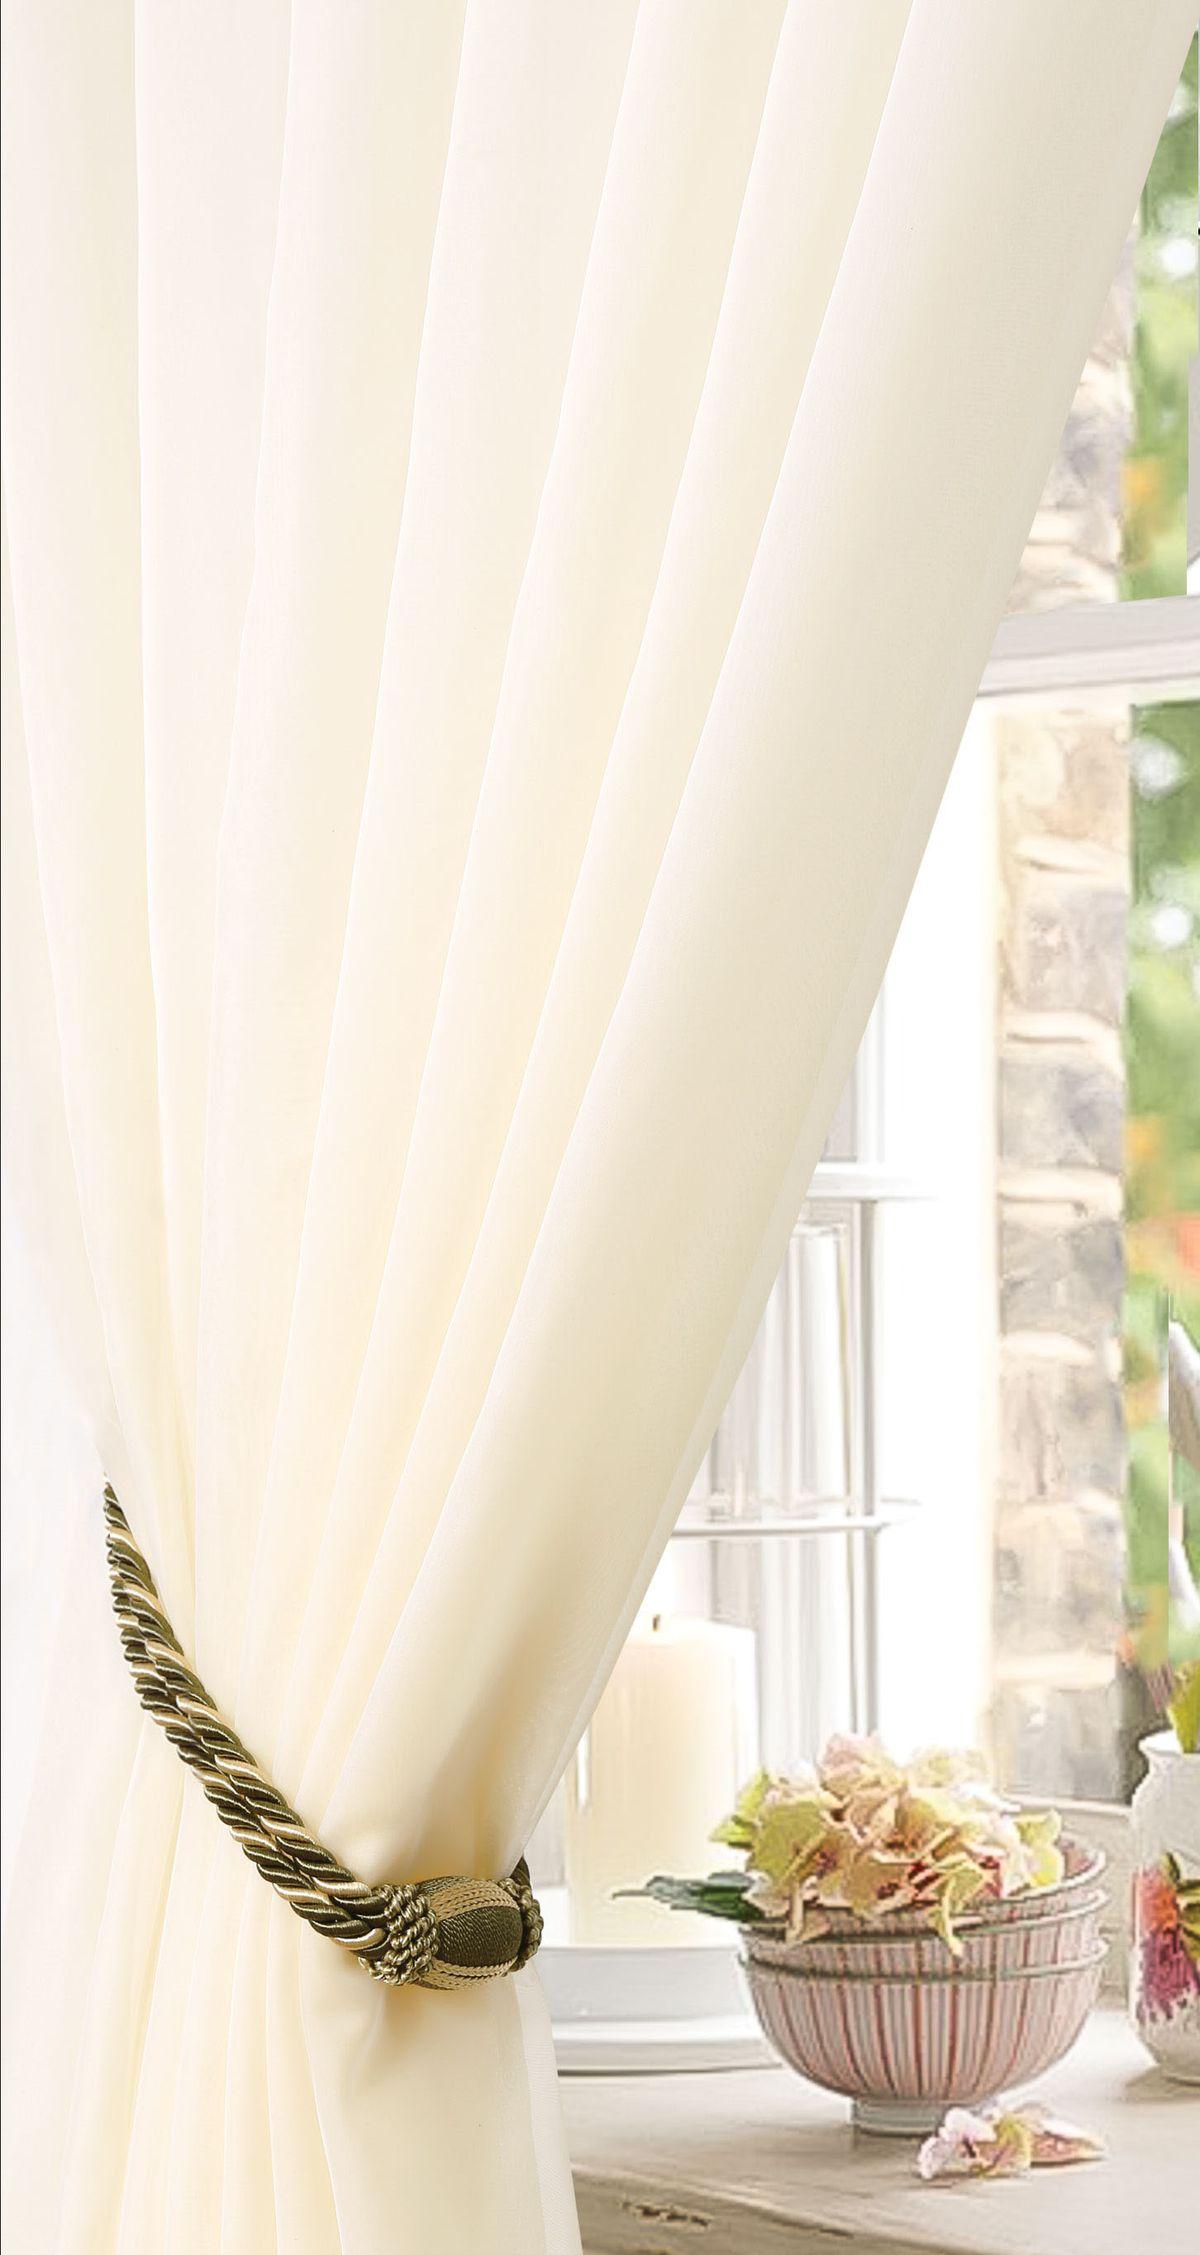 Штора готовая Garden, на ленте, однотонная, цвет: бежевый, 450х270 см. С W191 450х270 V71002С W191 450х270 V71002Тюлевая штора для гостиной Garden выполнена из легкой ткани, станет великолепным украшением любого окна. Воздушная ткань и приятная текстура создаст неповторимую атмосферу в вашем доме. Штора крепится на карниз при помощи ленты, которая поможет красиво и равномерно задрапировать верх.